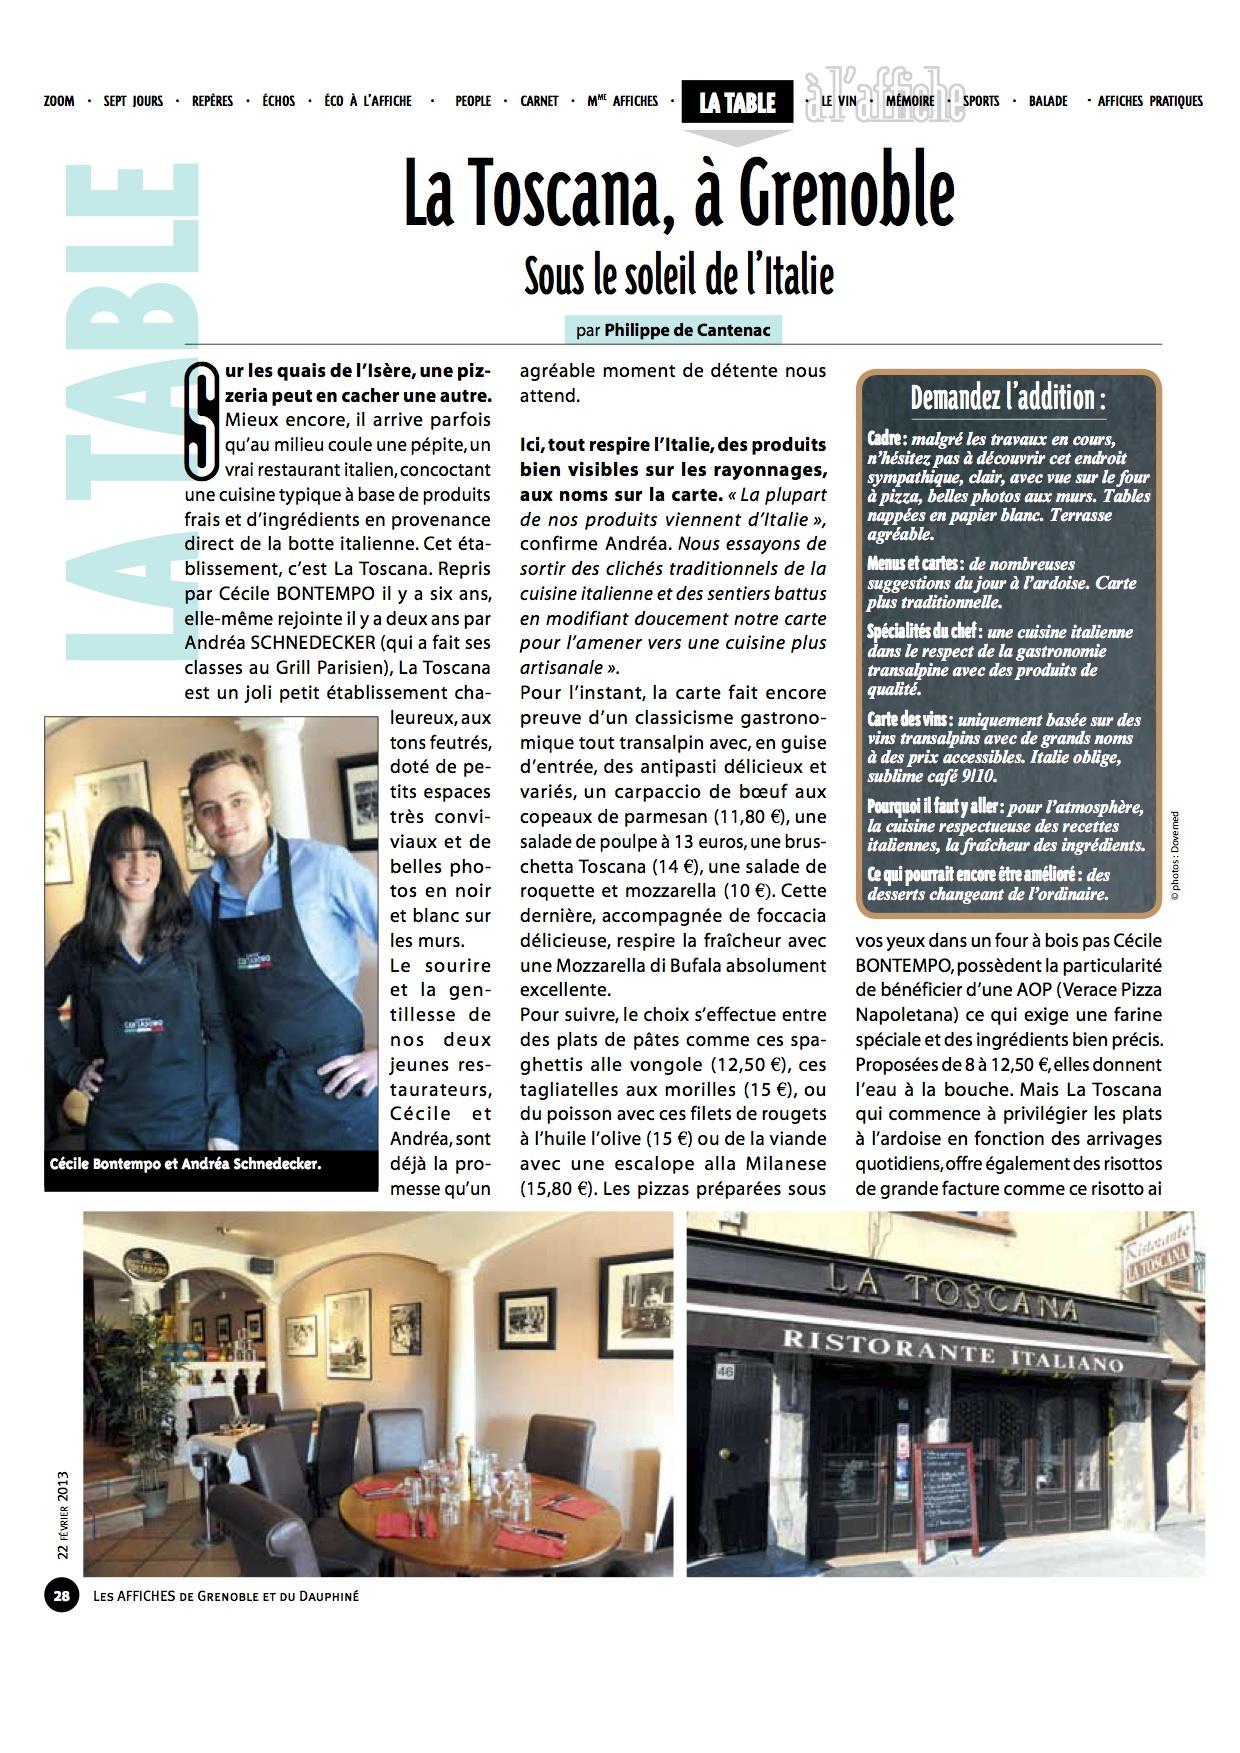 Les Affiches, mai 2013 (1)